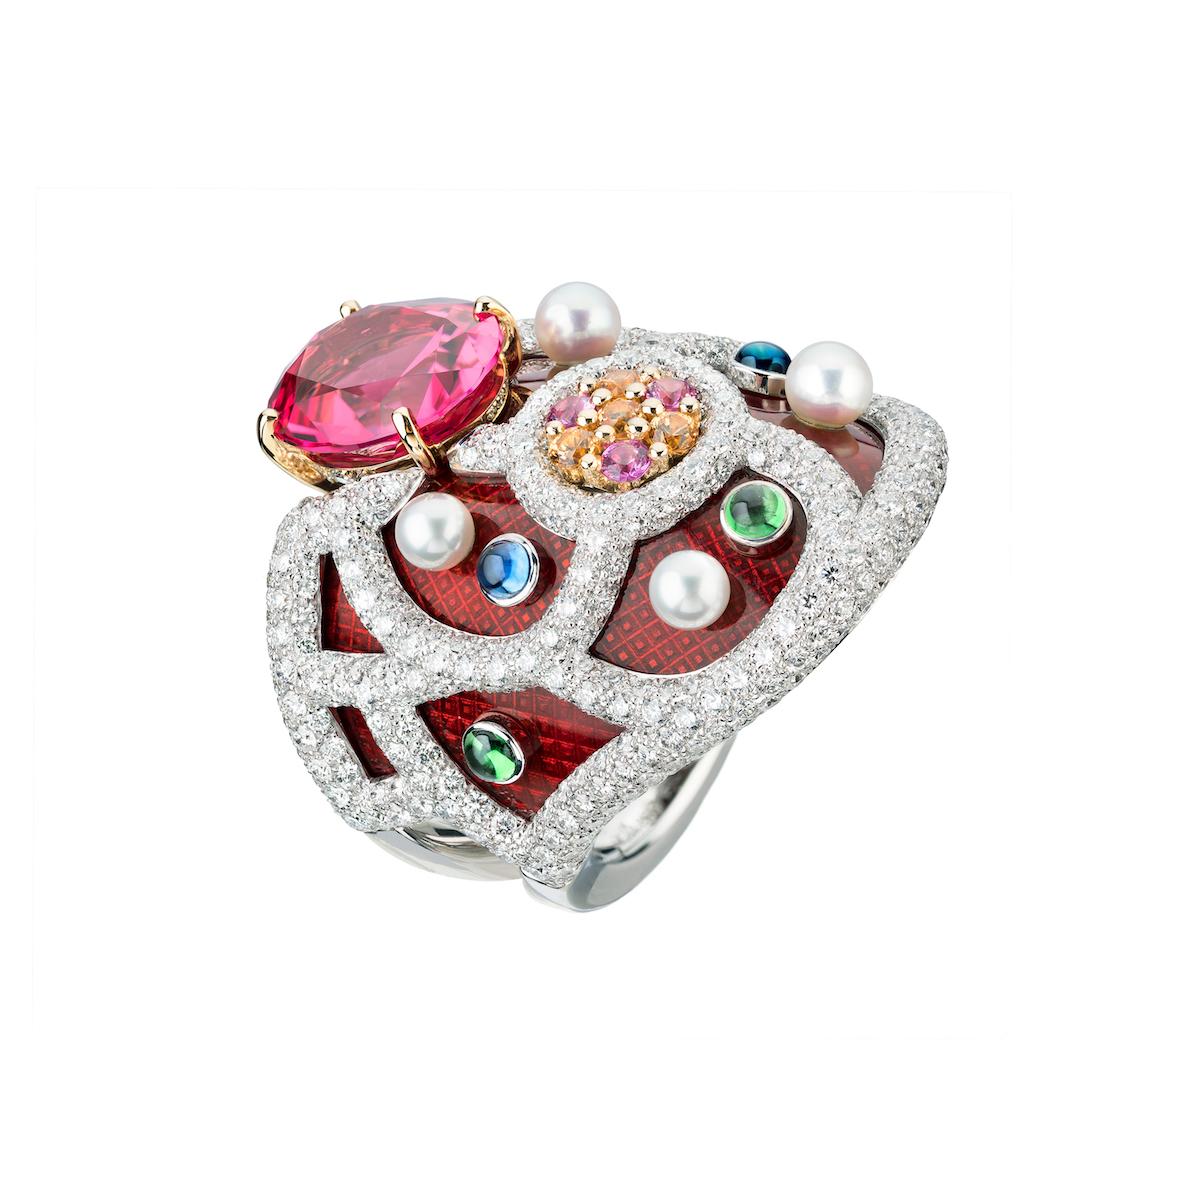 CHANEL High Jewellery 2019 'Le Paris Russe de Chanel'